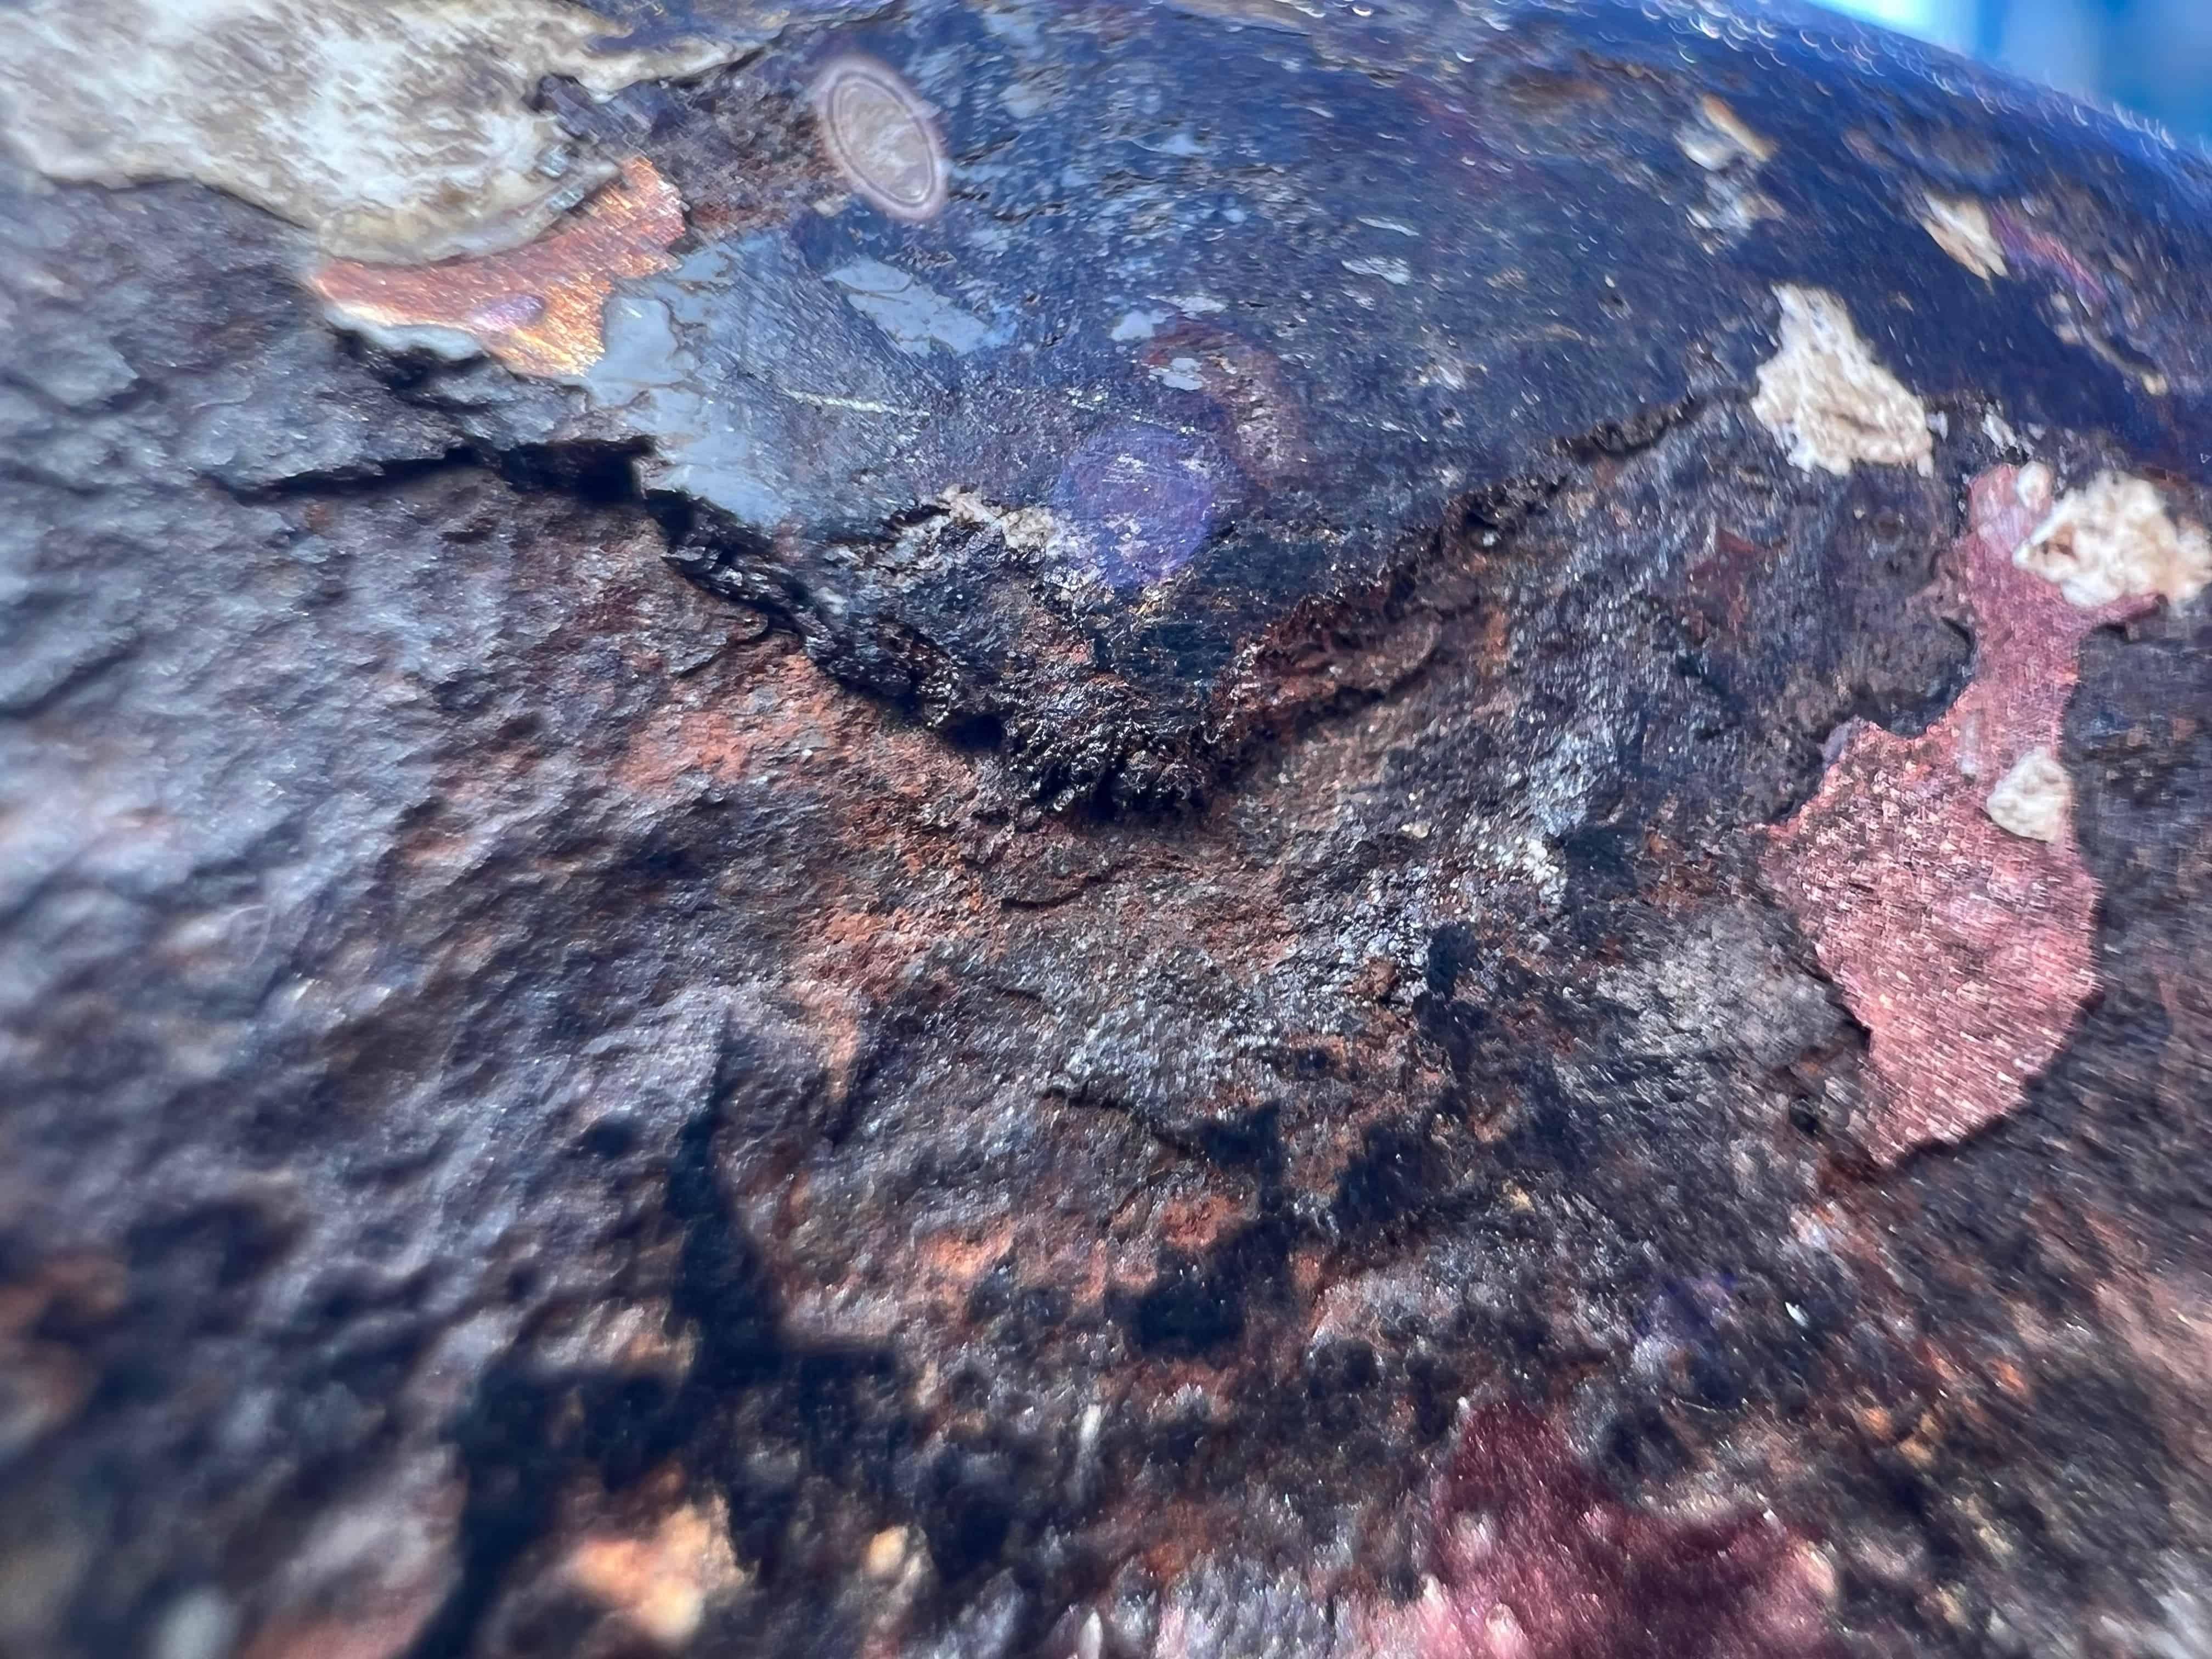 کیفیت دوربین ماکرو ایفون 13 پرو